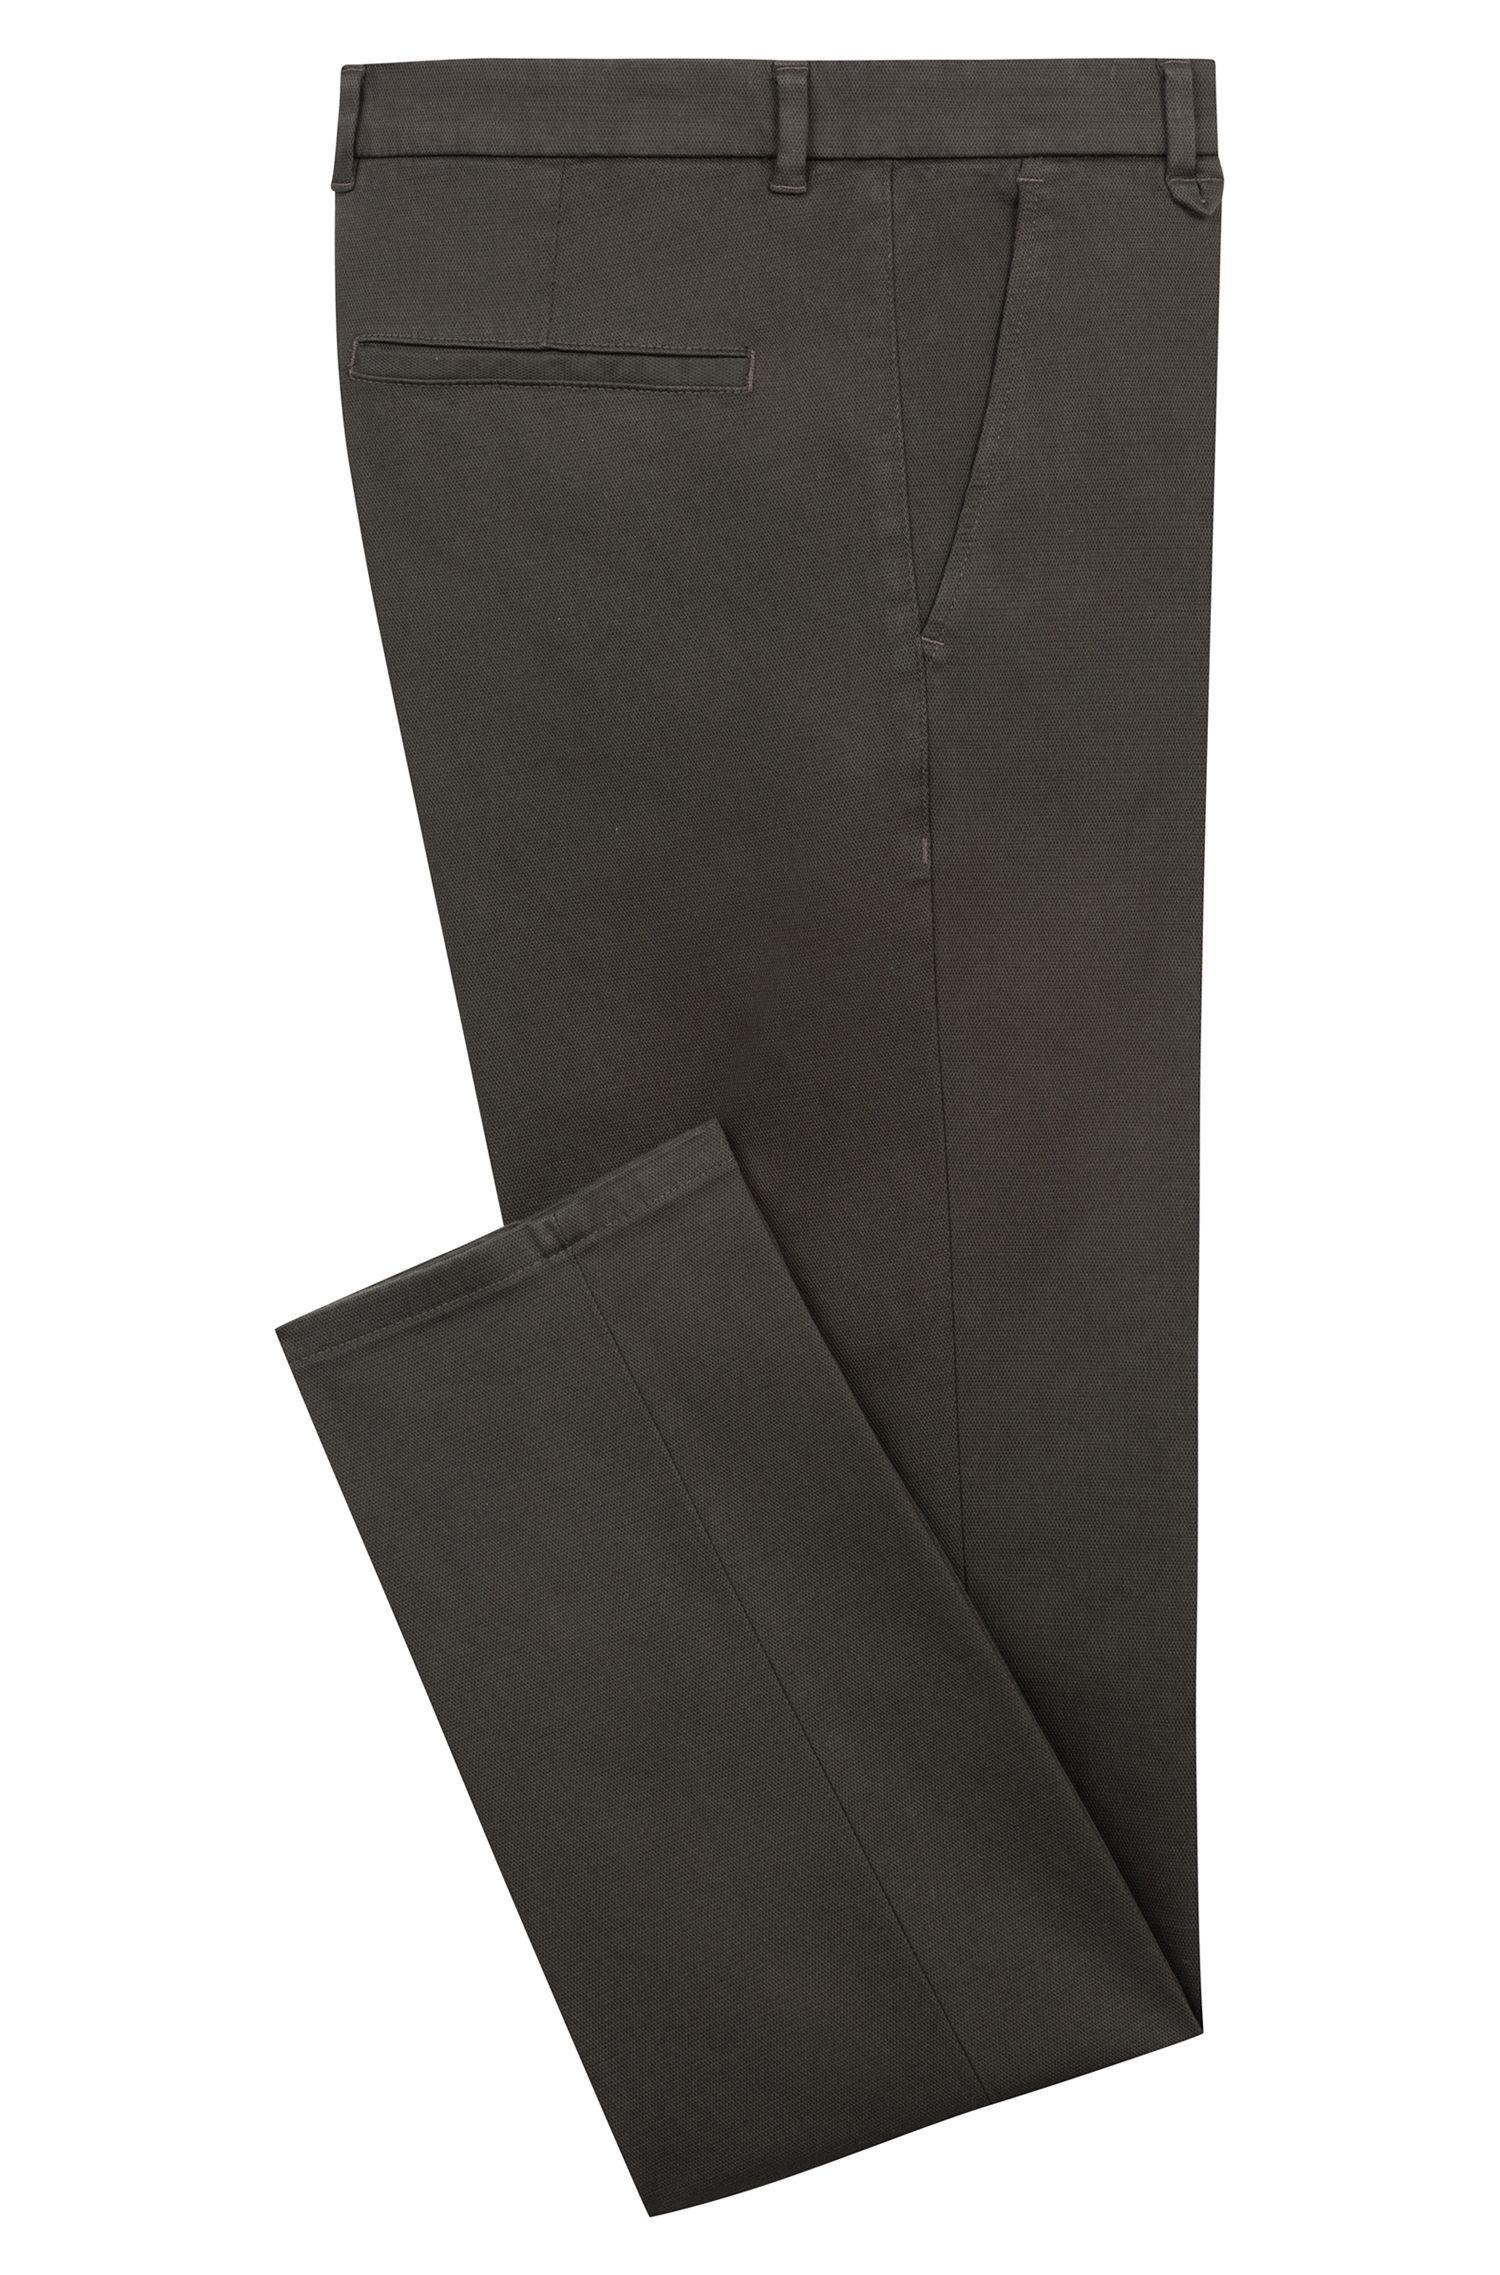 Pantalones extra slim fit en algodón elástico con microestructura, Verde oscuro